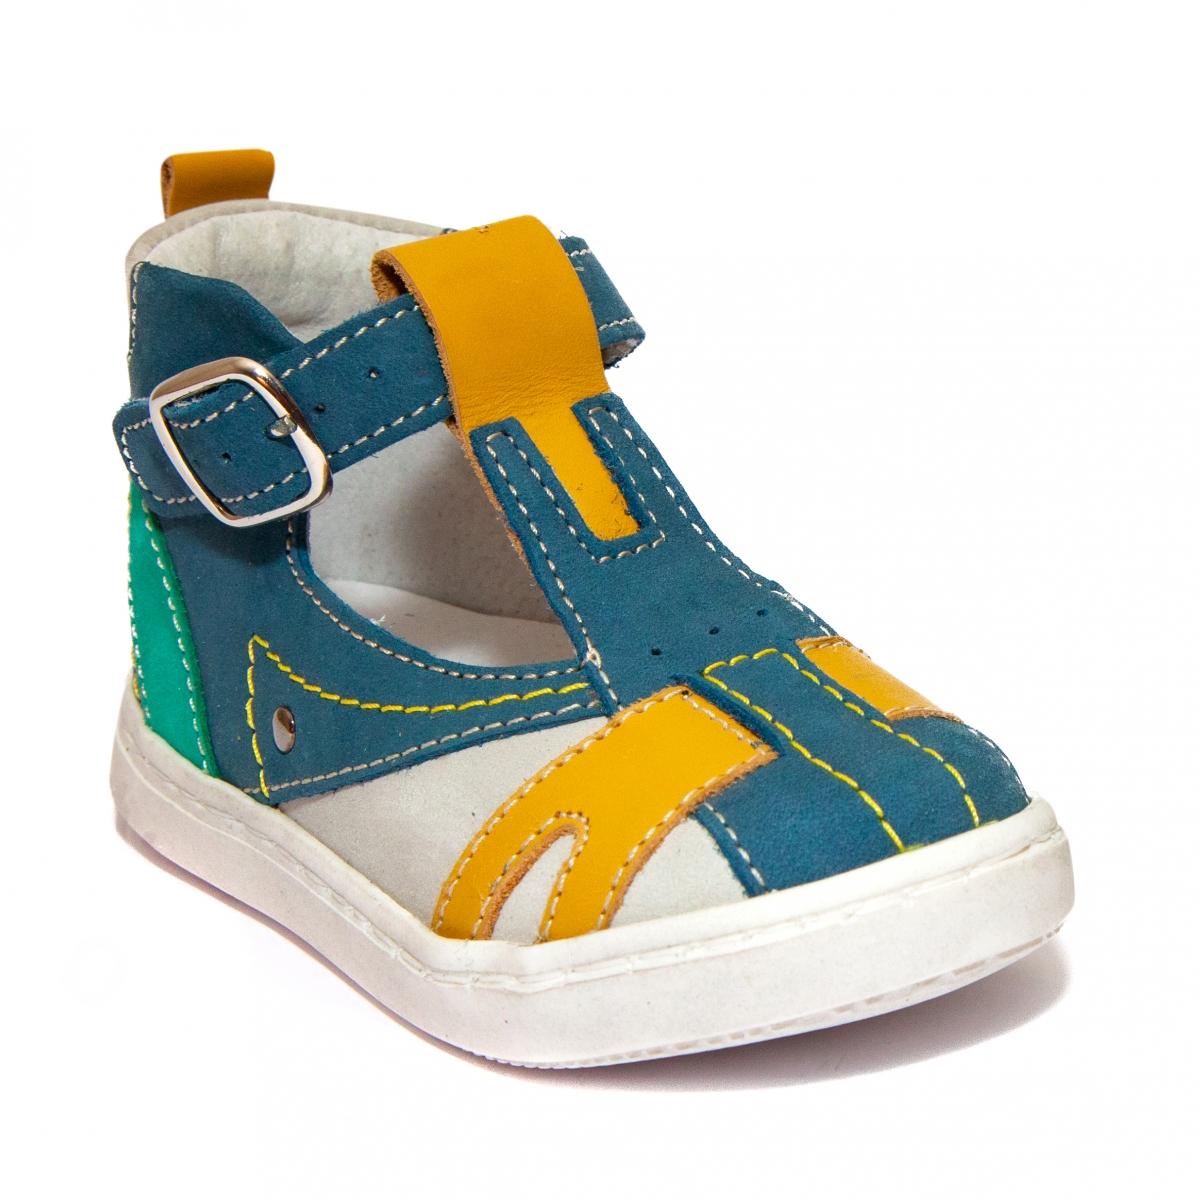 Sandalute ortopedice baieti hokide 306 albastru galben verde 18-25